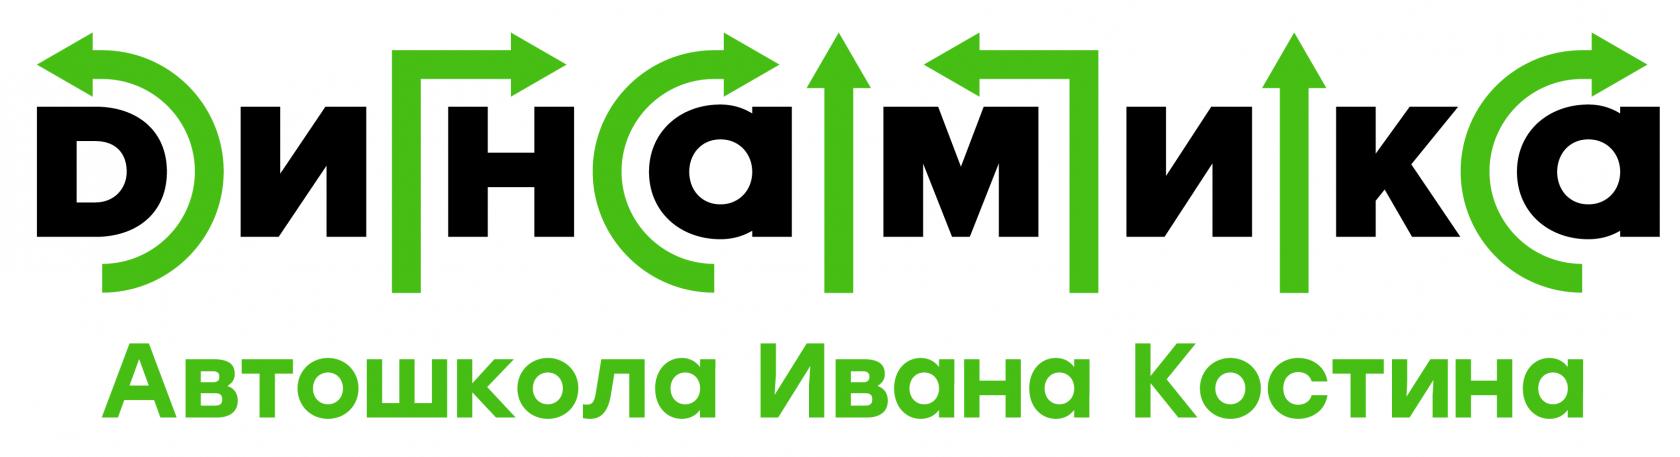 Динамика. Автошкола Ивана Костина